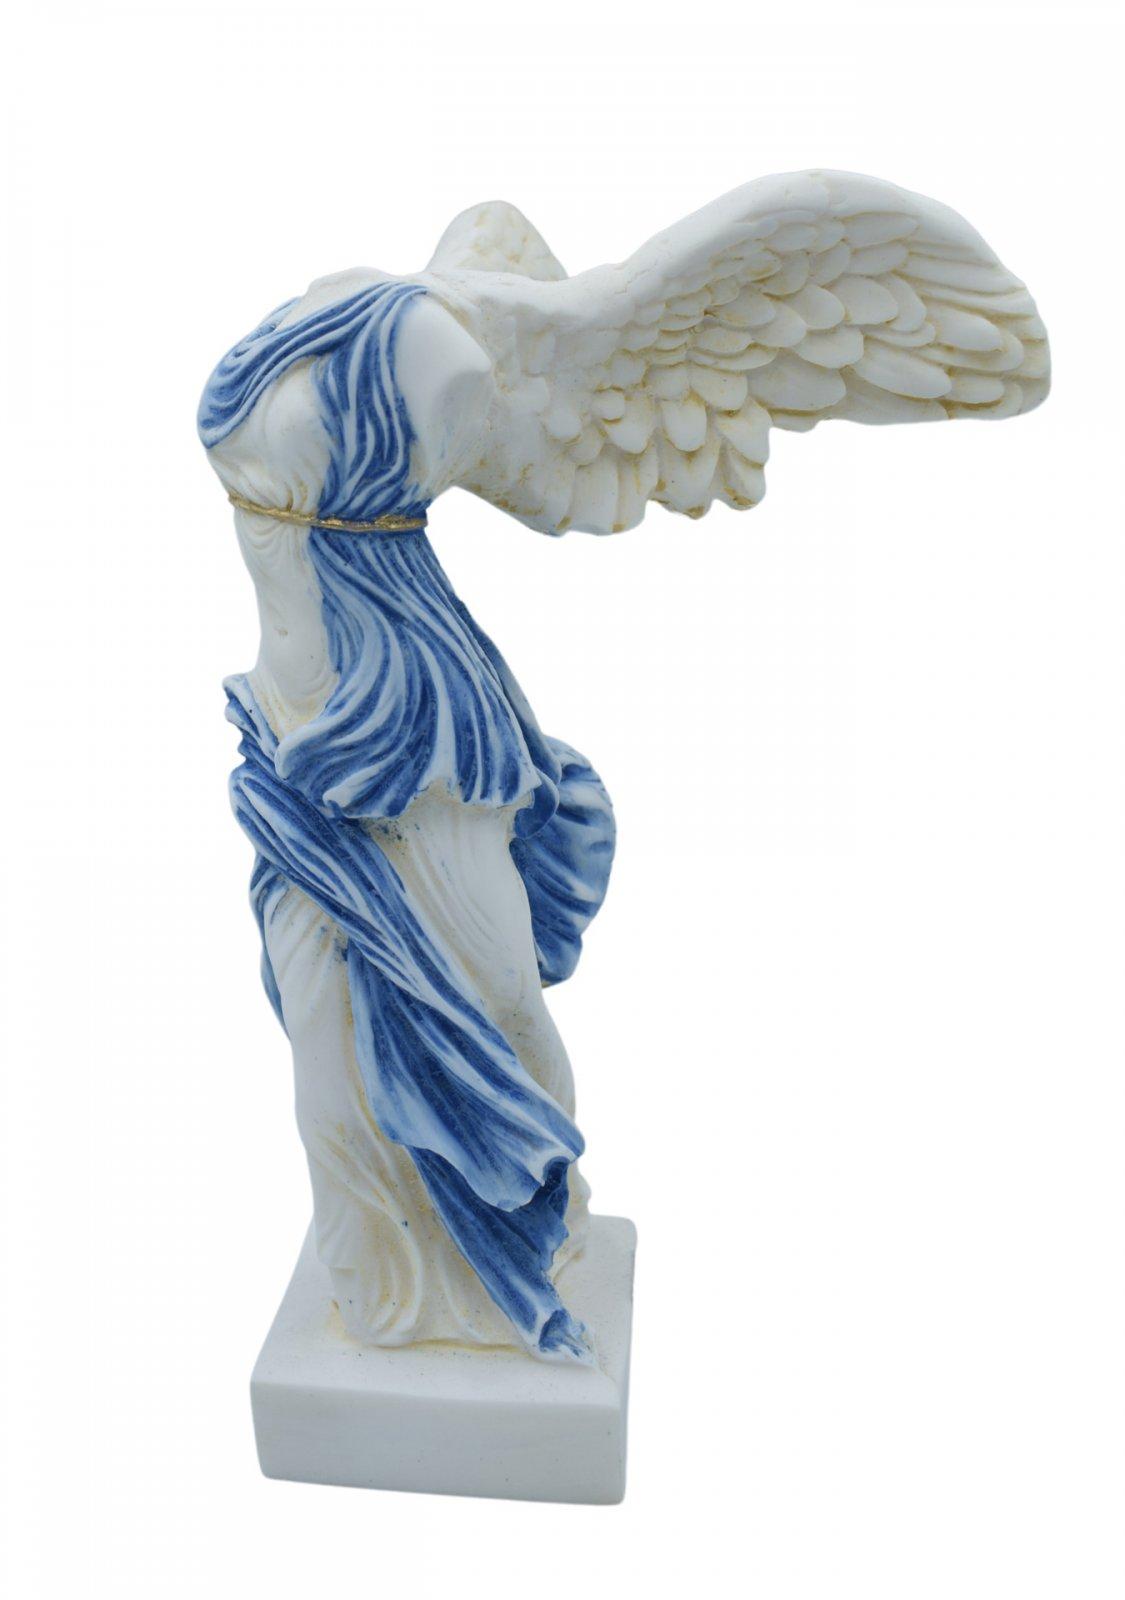 Nike of Samothrace greek alabaster statue with color and golden details